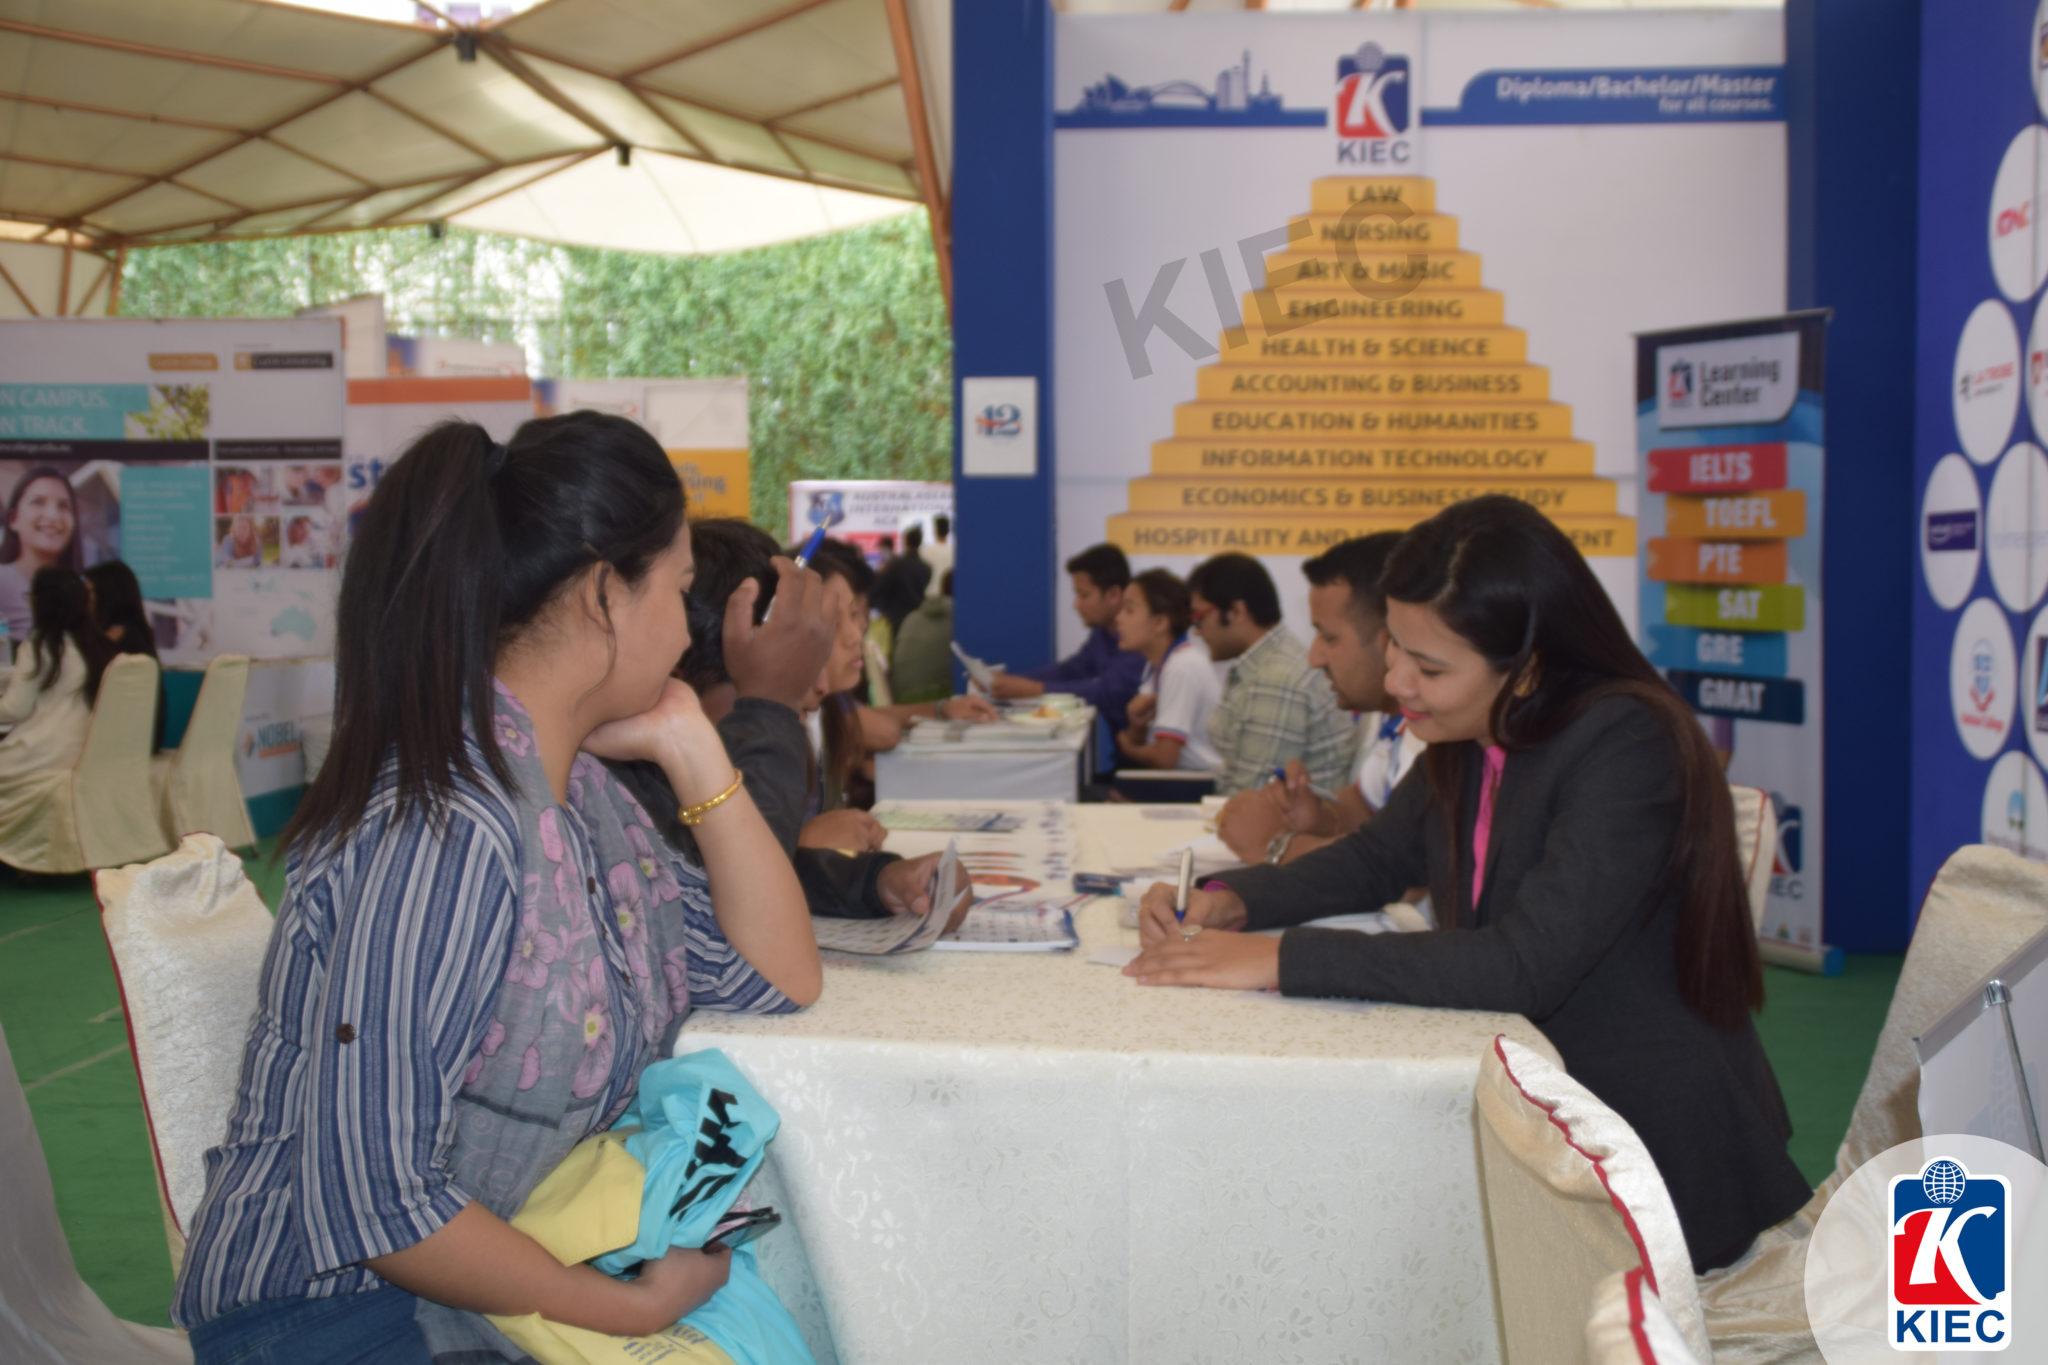 KIEC stall Visitors